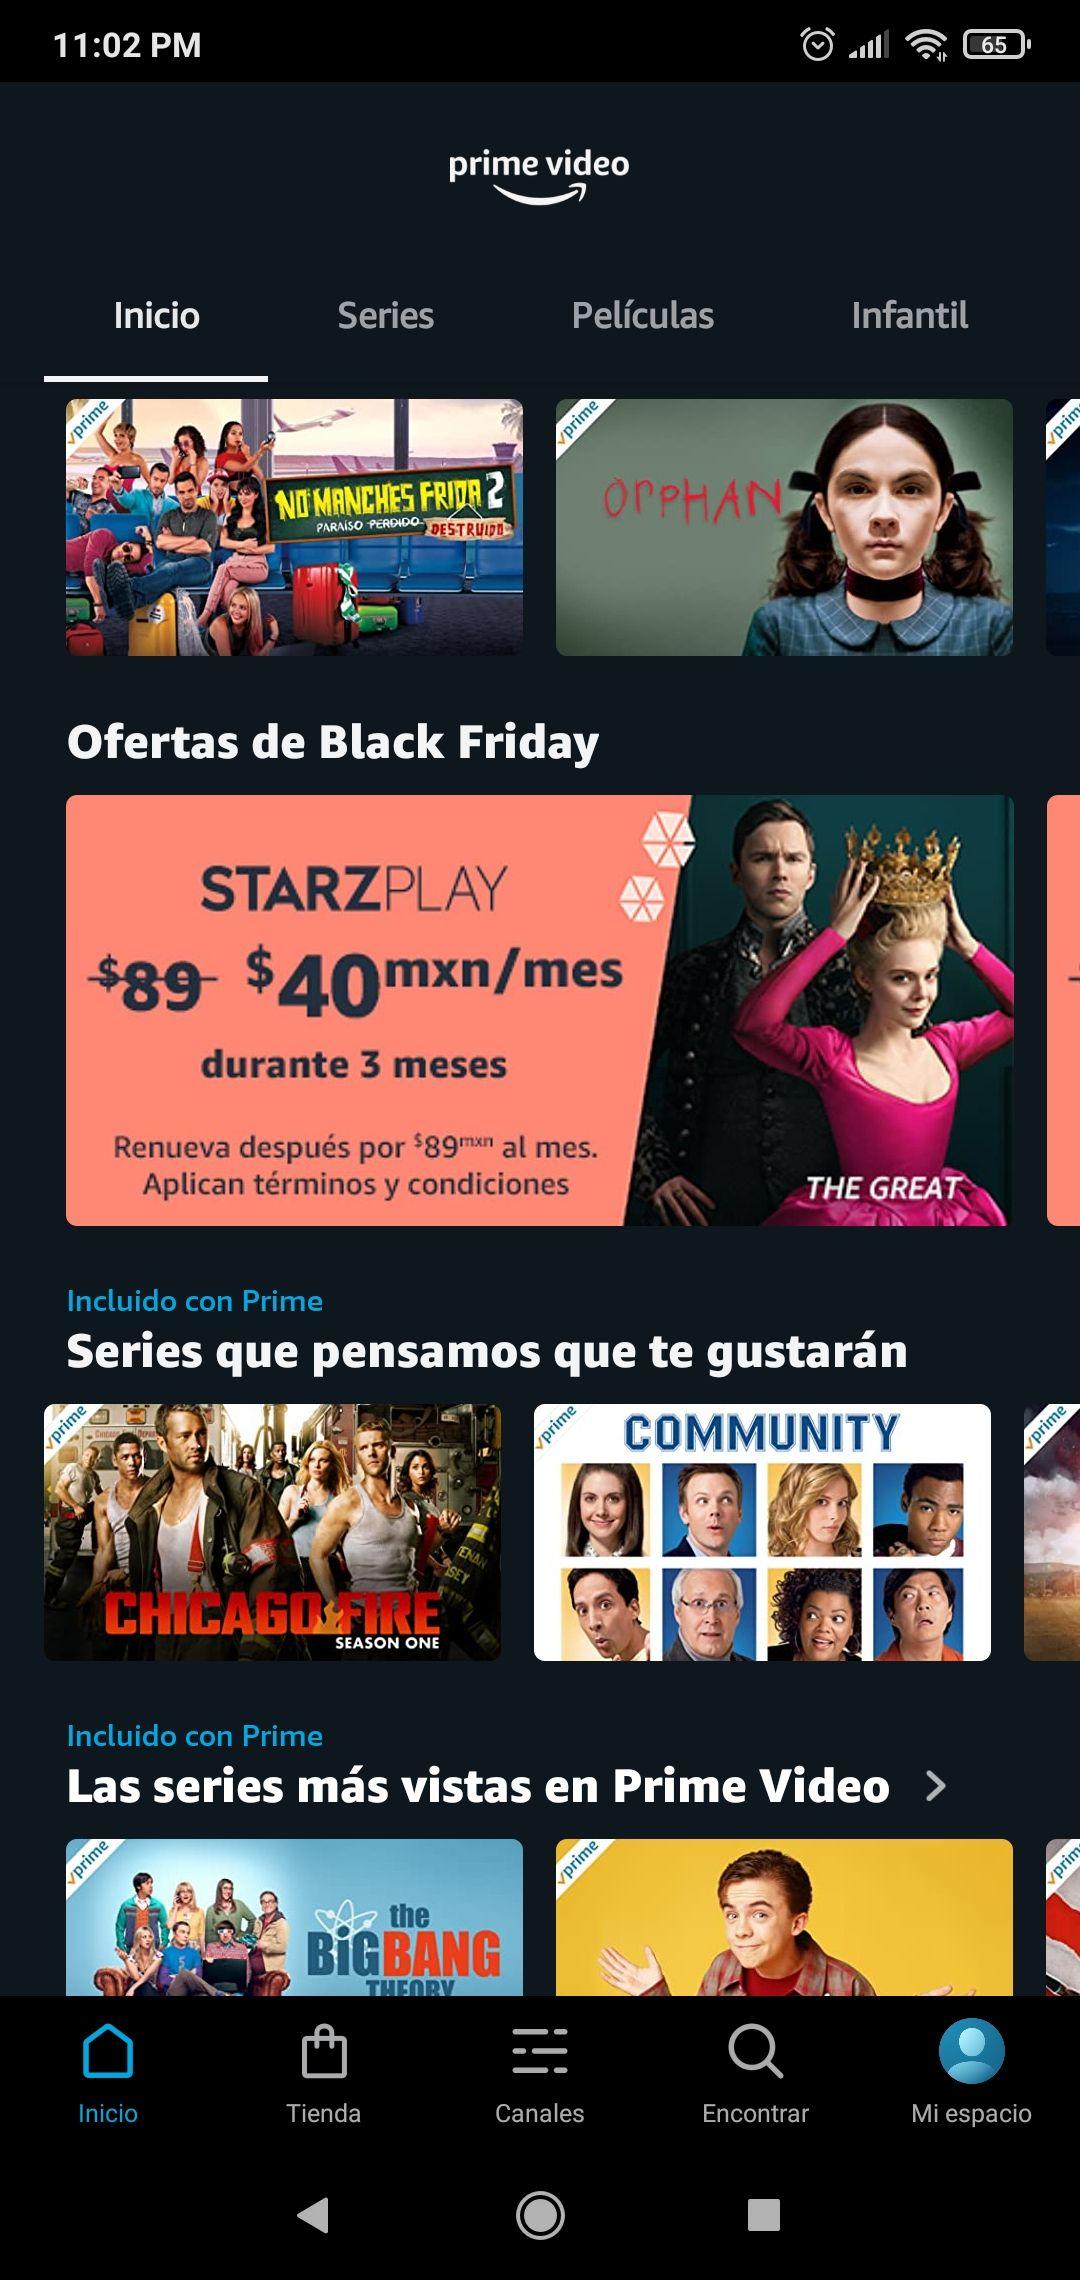 Ofertas Black Friday Prime Video Channels: Suscripción desde 25 pesitos por mes los primeros 3 meses